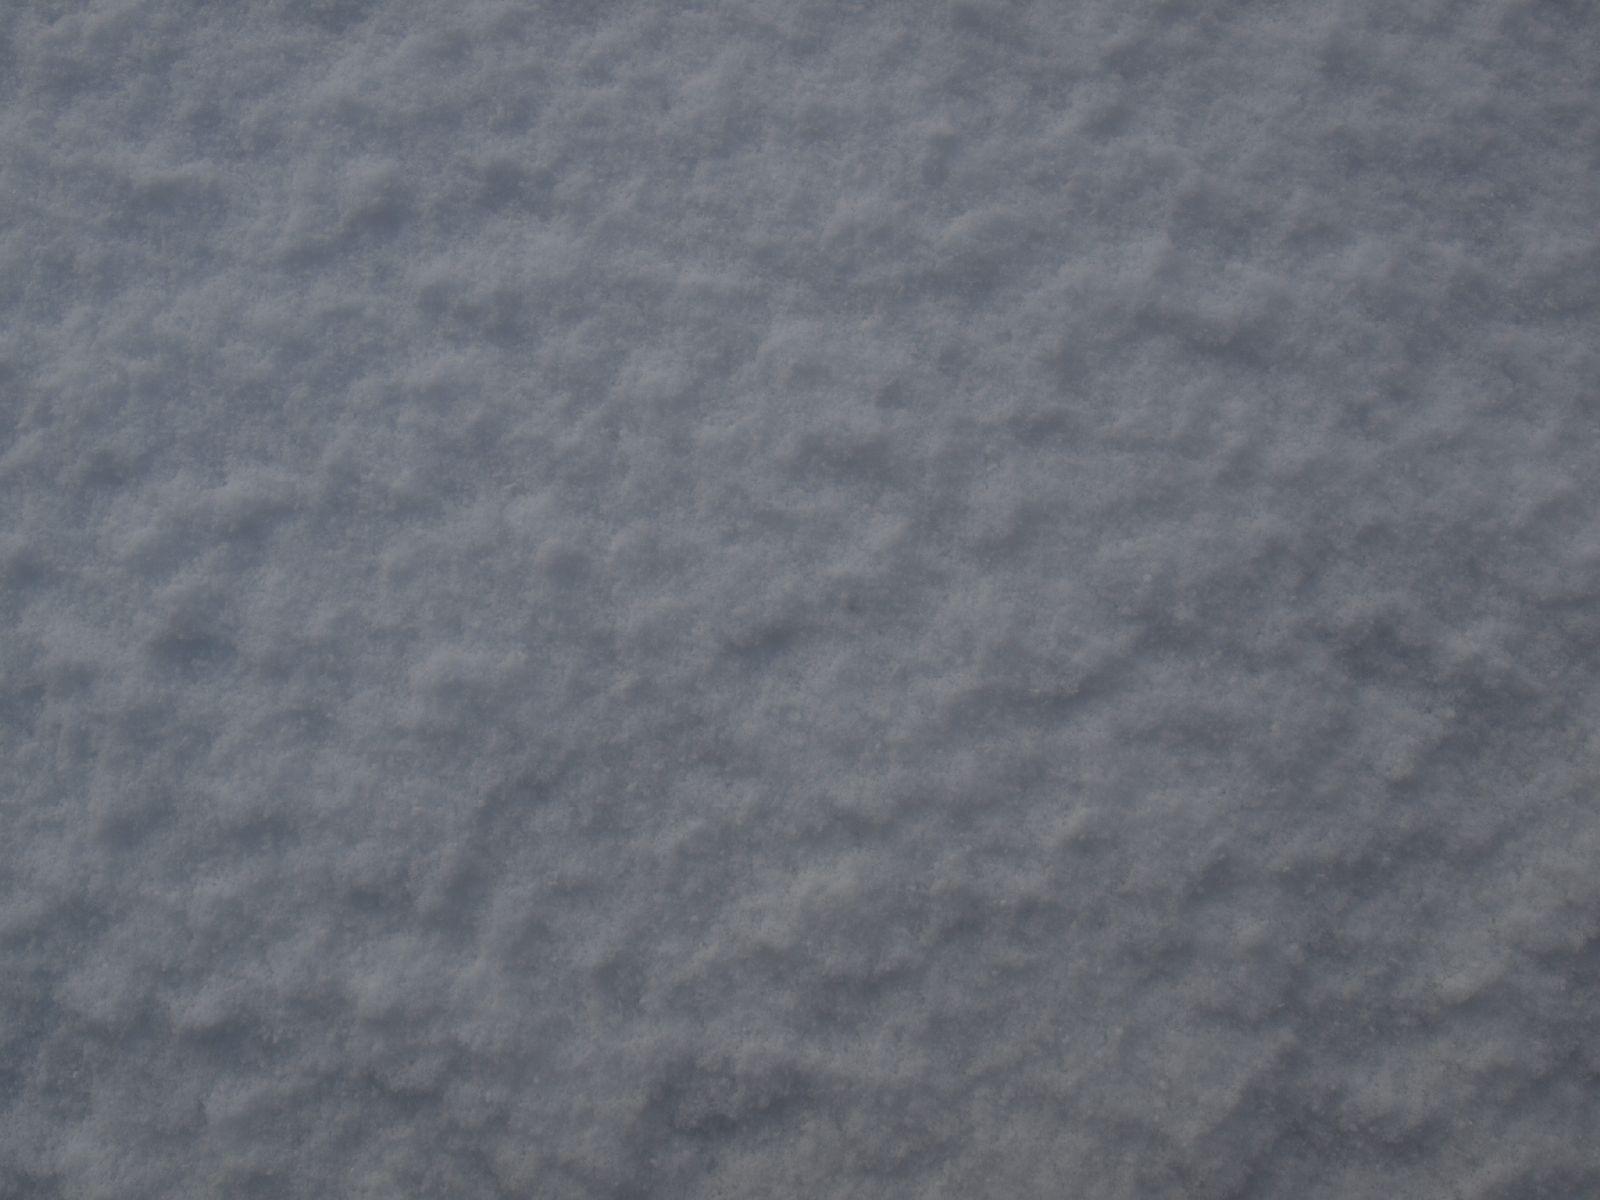 Schnee-Eis_Textur_A_PB226705